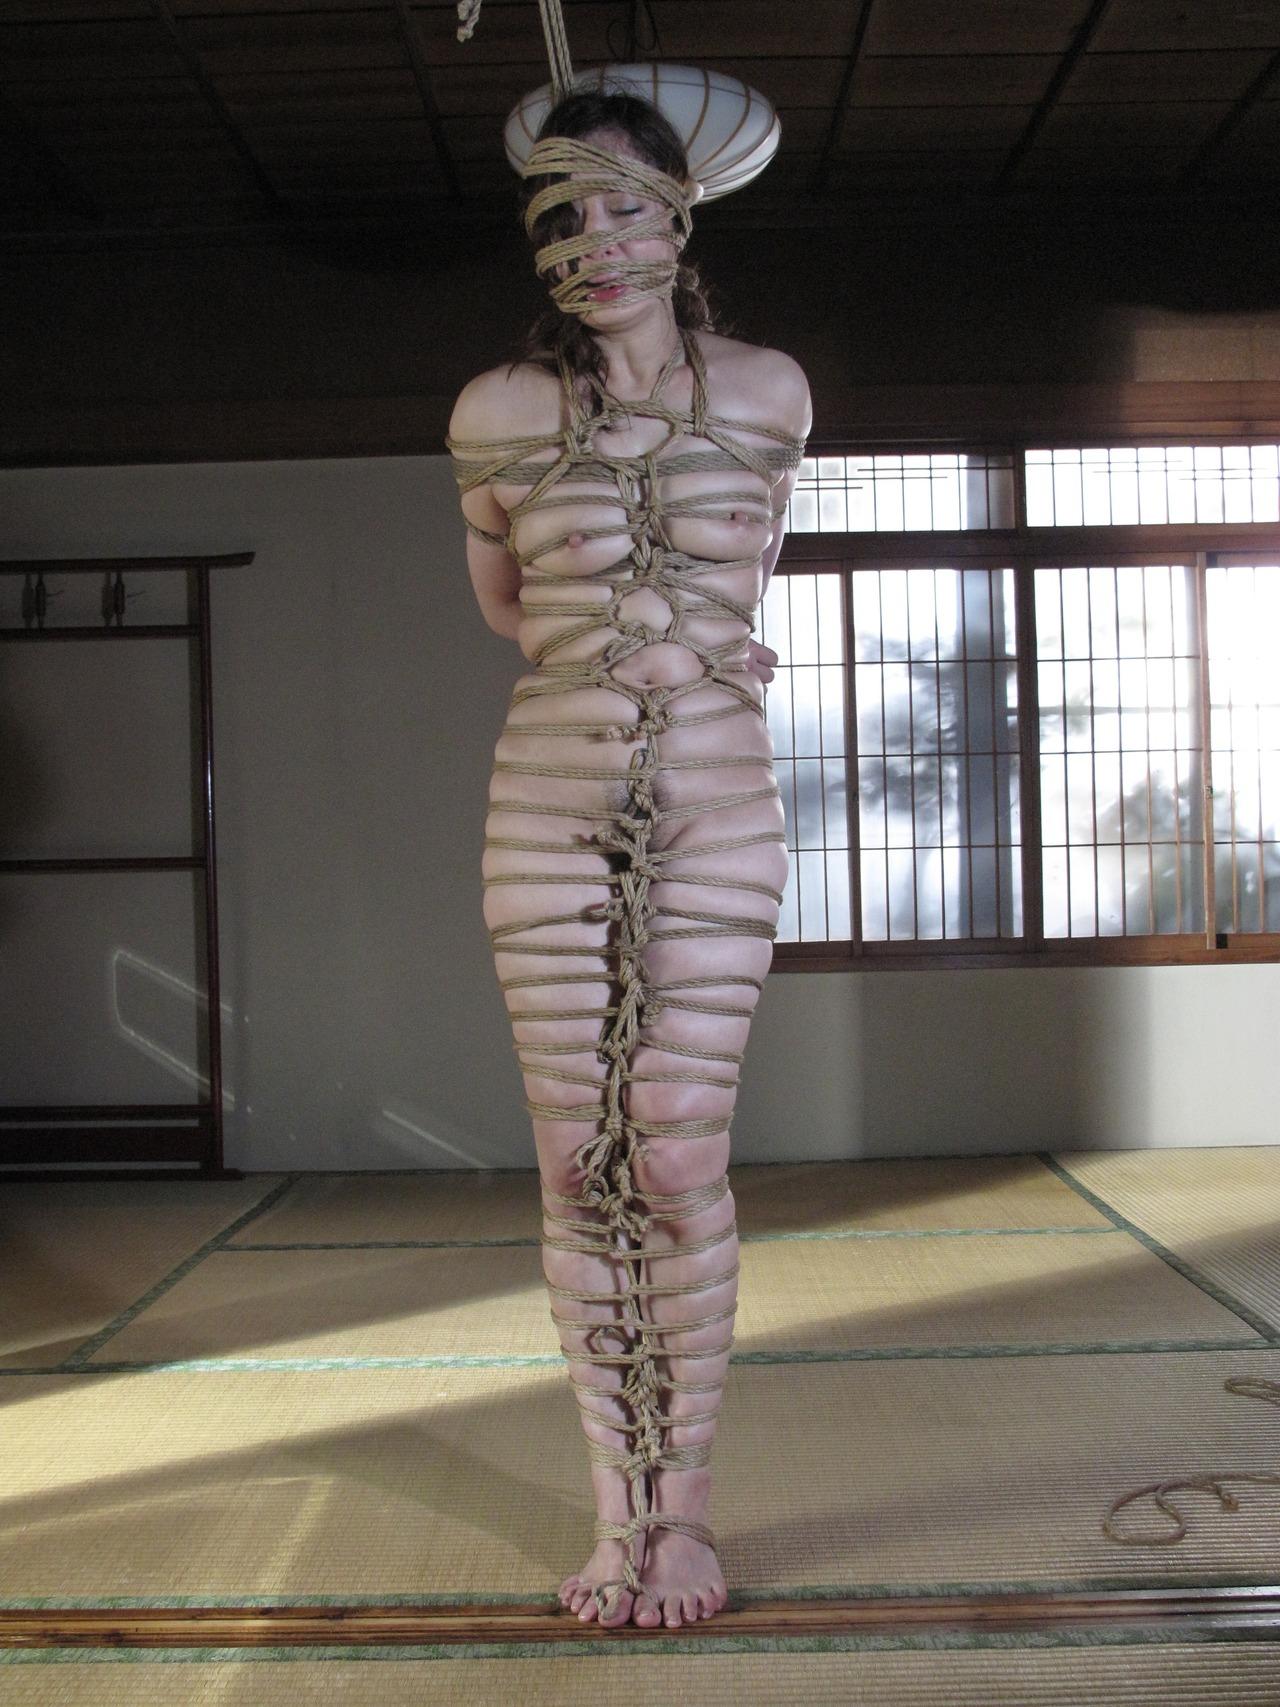 縄縛り画像 縄縛り,ロープ,緊縛,エロ画像【9】